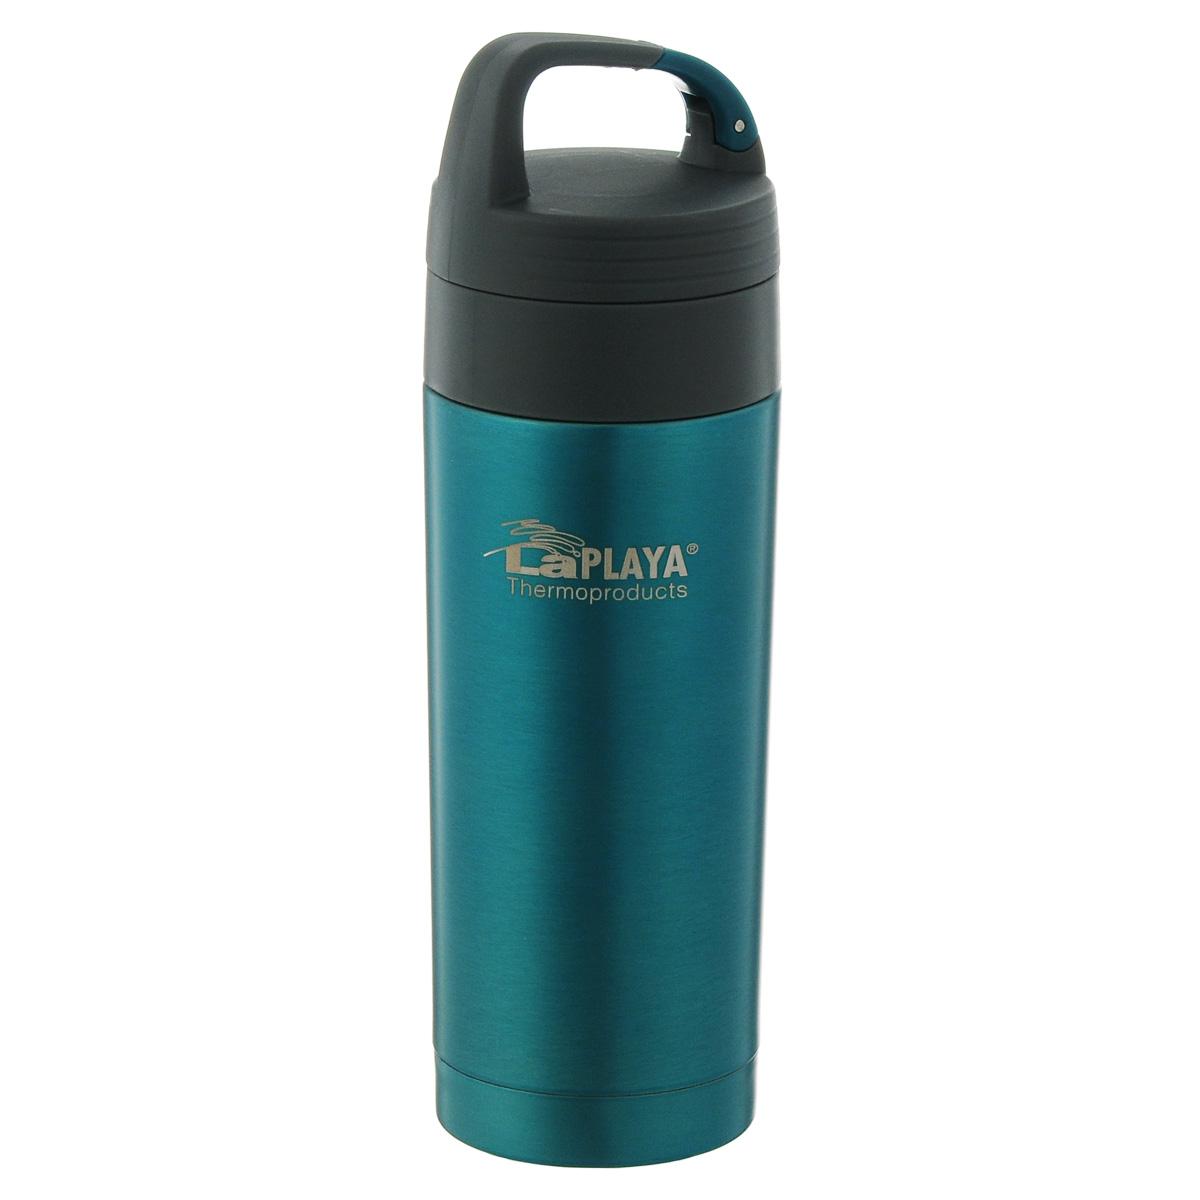 """Кружка-термос LaPlaya """"Carabiner"""", изготовленная из высококачественной нержавеющей стали серии Carabiner, очень проста и удобна в использовании. Кружка-термос с двух стеночной вакуумной изоляцией, предназначена для хранения горячих и холодных напитков (чая, кофе), сохраняет их температуру до 6 часов горячими и до 12 часов холодными. Идеально подойдет для прохладительных напитков. Изделие оснащено герметичной и гигиеничной вакуумной крышкой с карабином. Термокружку удобно размещать в большинстве автомобильных держателей для стаканов. При открывании стопор предотвращает расплескивание напитков. Высота (с учетом крышки): 22 см.Диаметр горлышка: 5,5 см."""